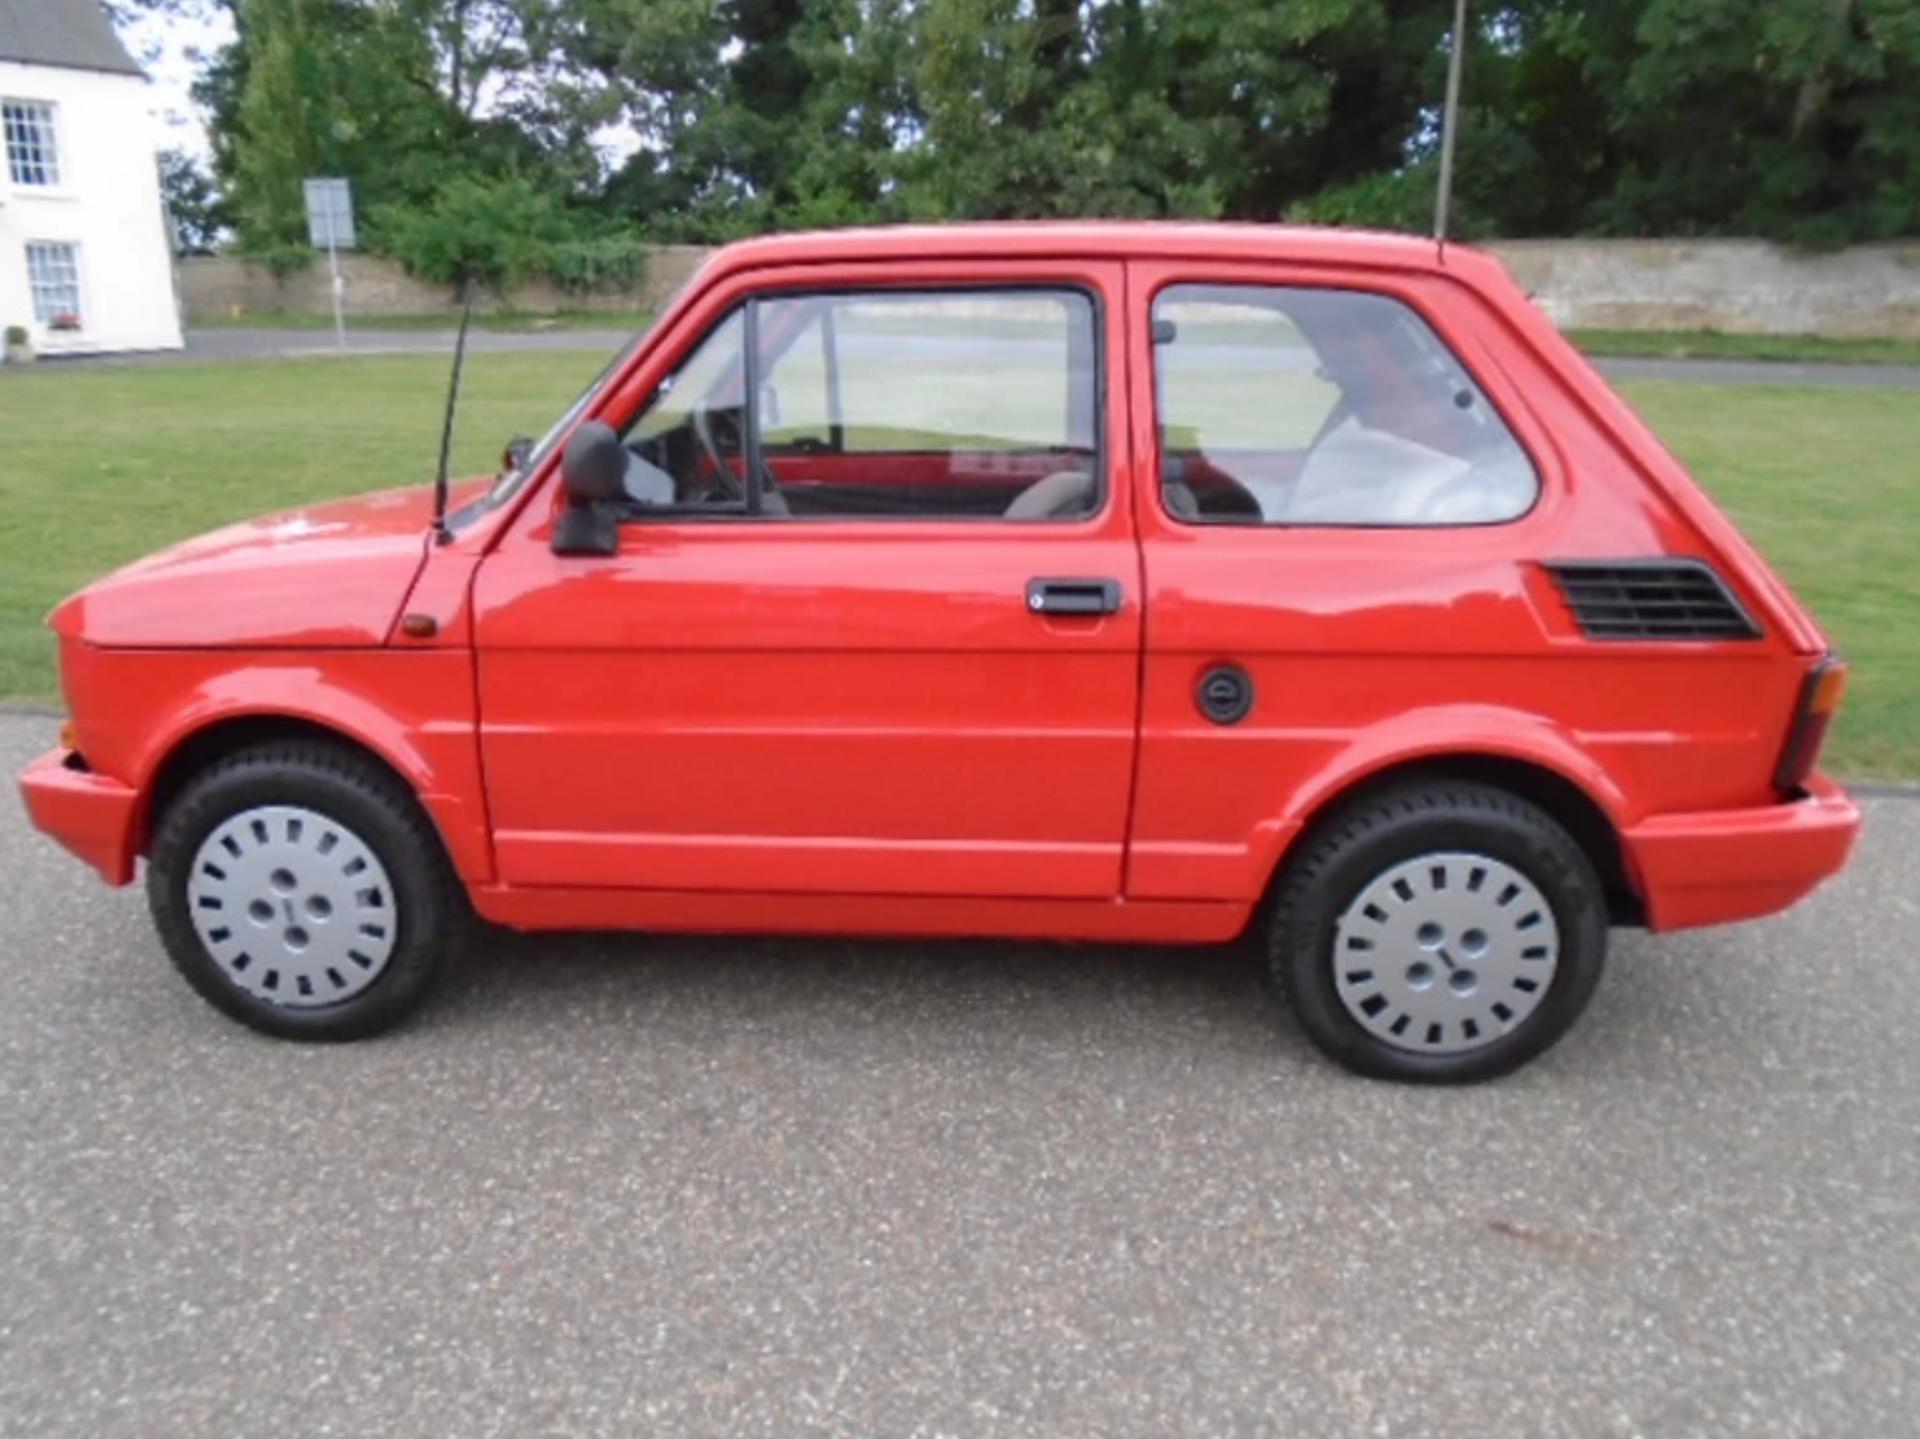 Lot 9 - 1988 Fiat 126 'BIS' Restored car.